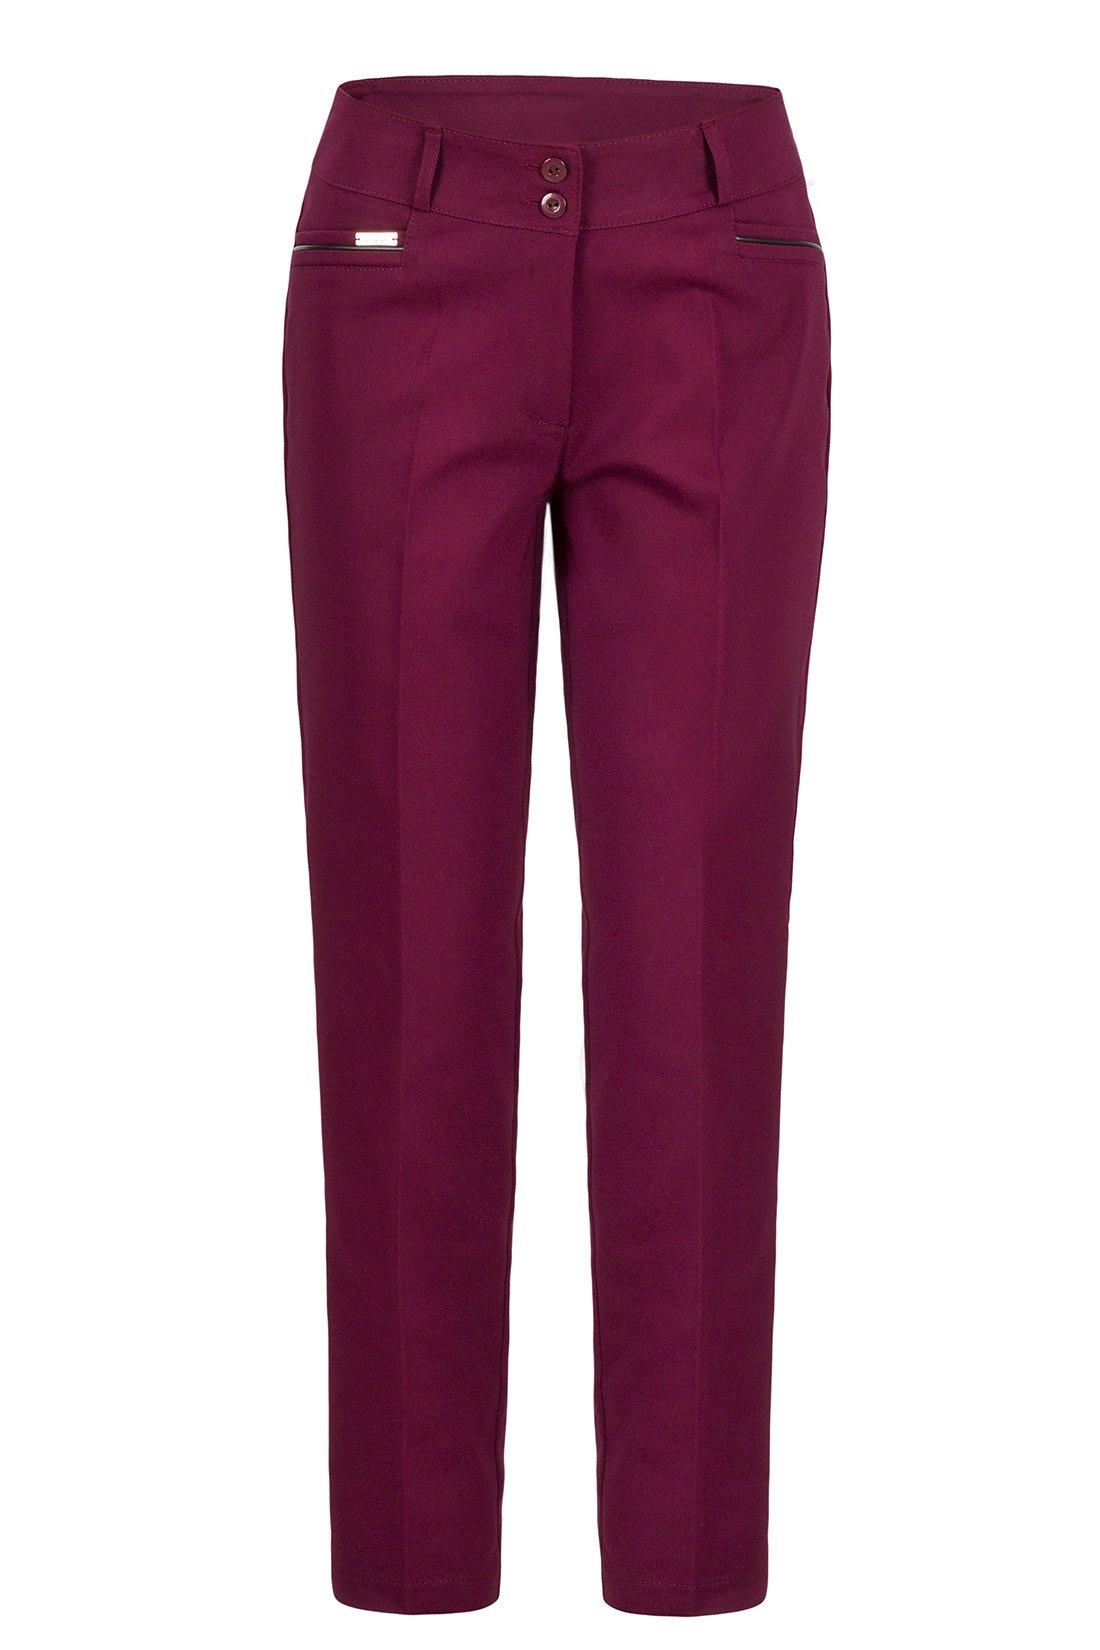 24a4336f2acd9 Spodnie damskie 7/8 model 624 bordowe wysokie w stanie | sklep ...